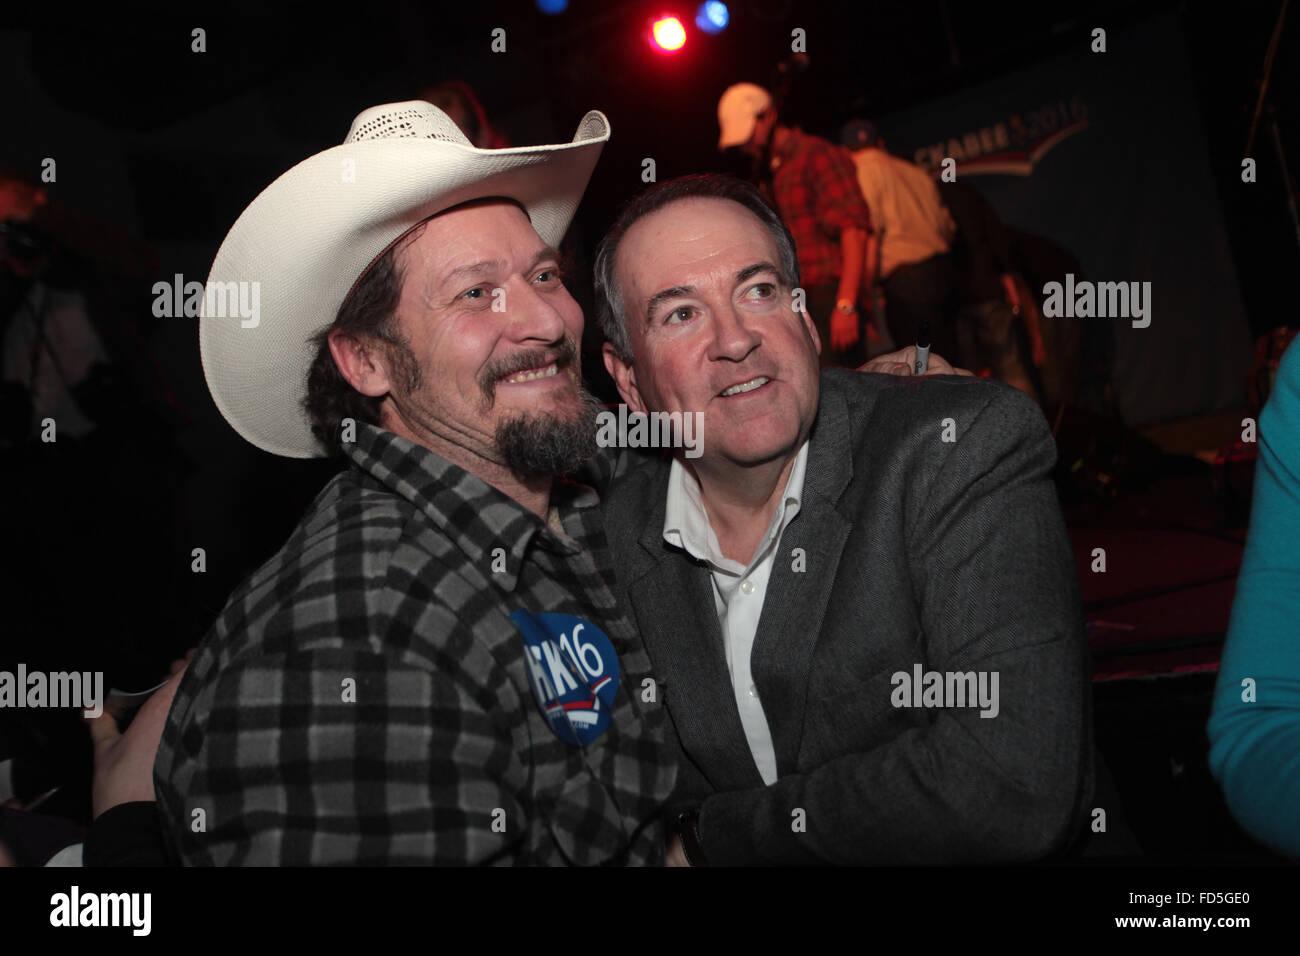 L'ancien gouverneur, et candidat à l'élection présidentielle GOP Mike Huckabee pose avec Photo Stock